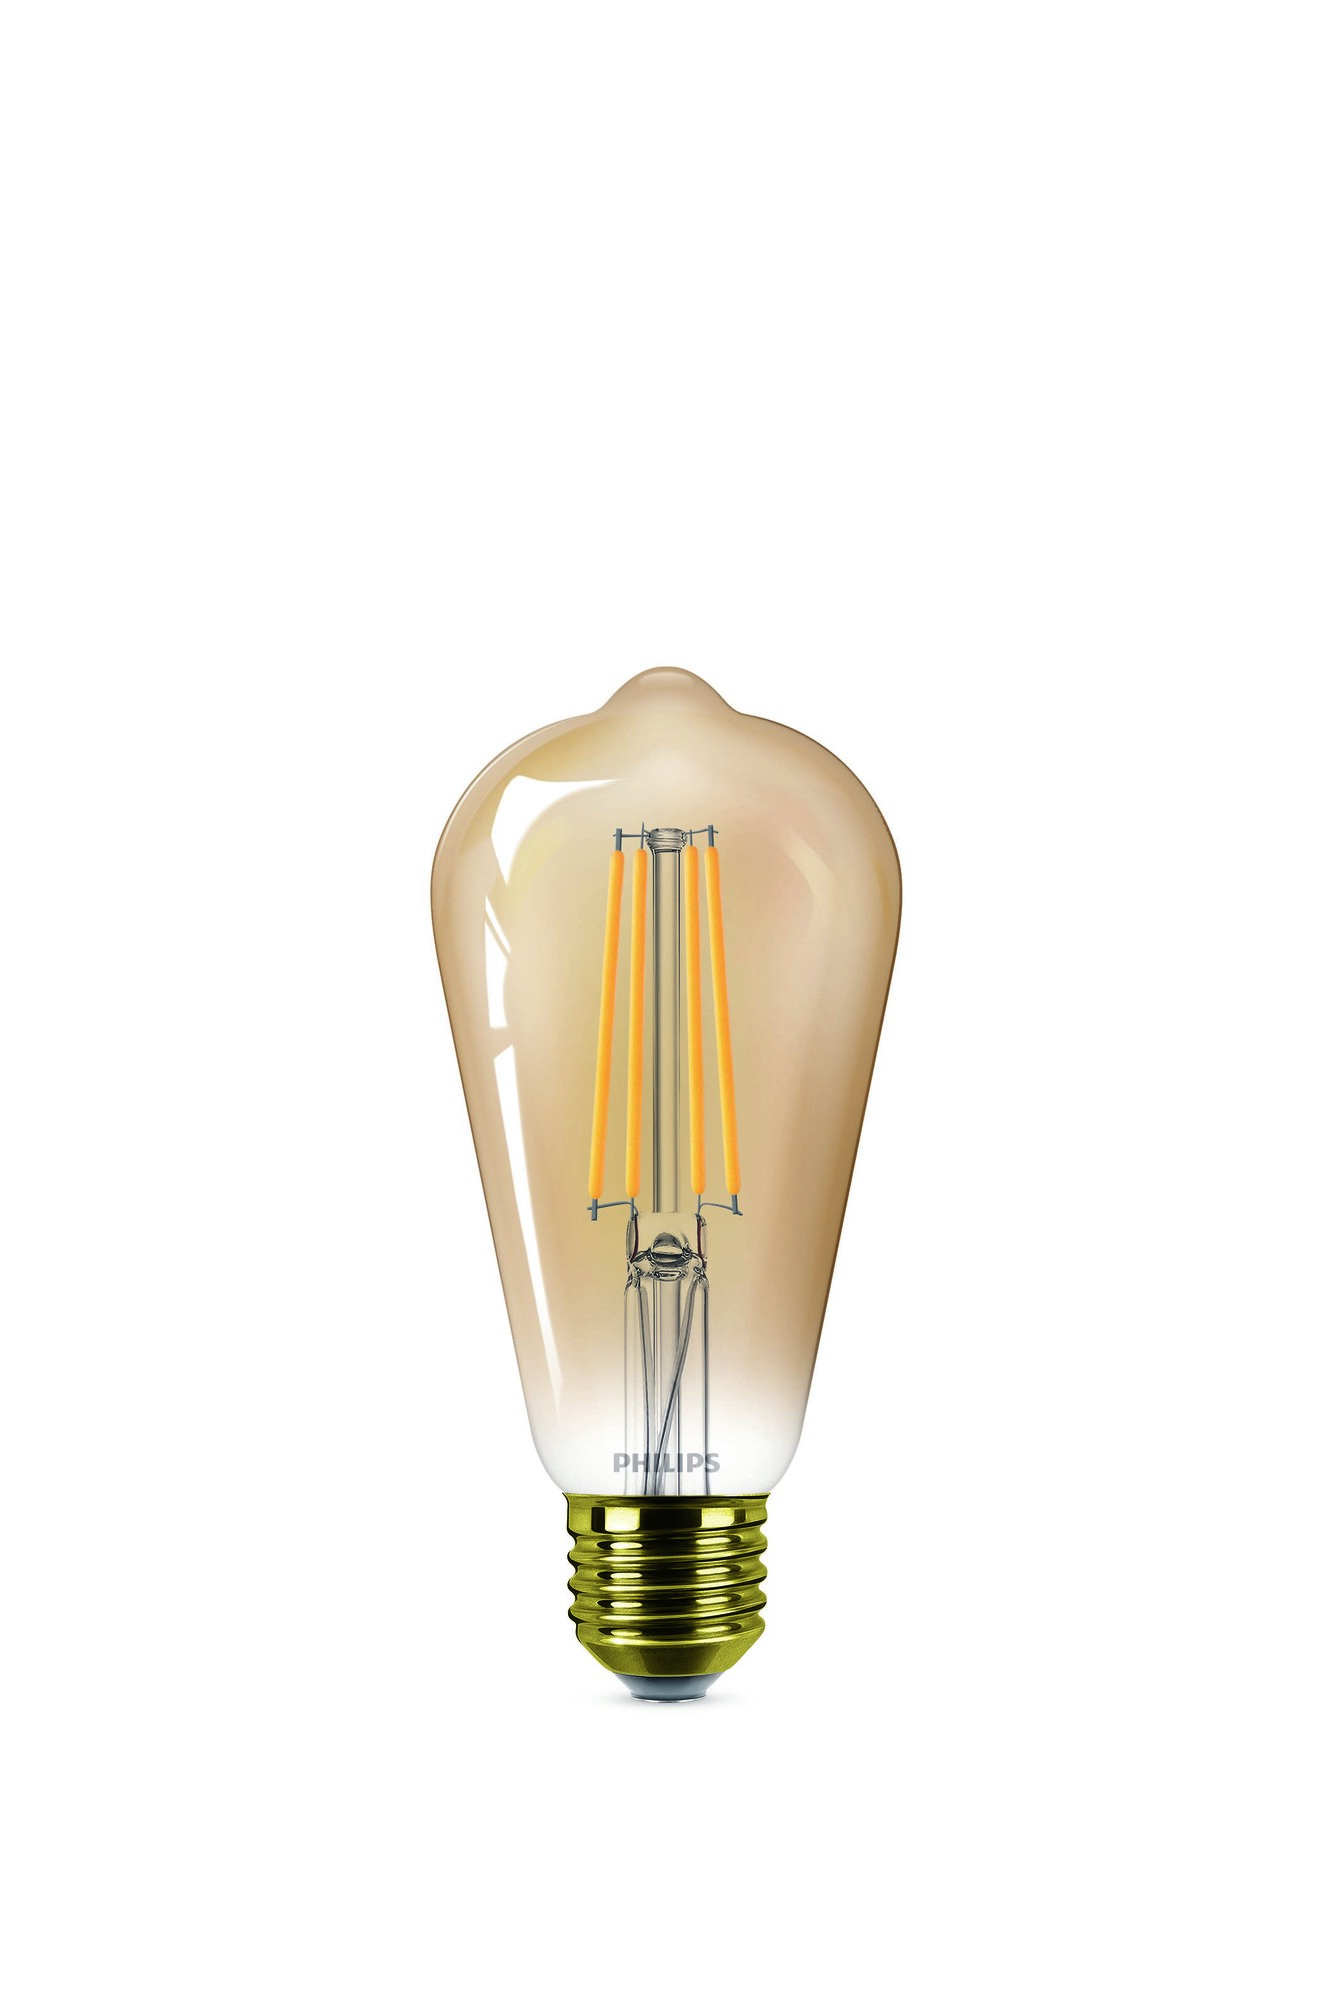 Philips LED classic E27 7,2W 650lm 2200K Edison Gouden coating